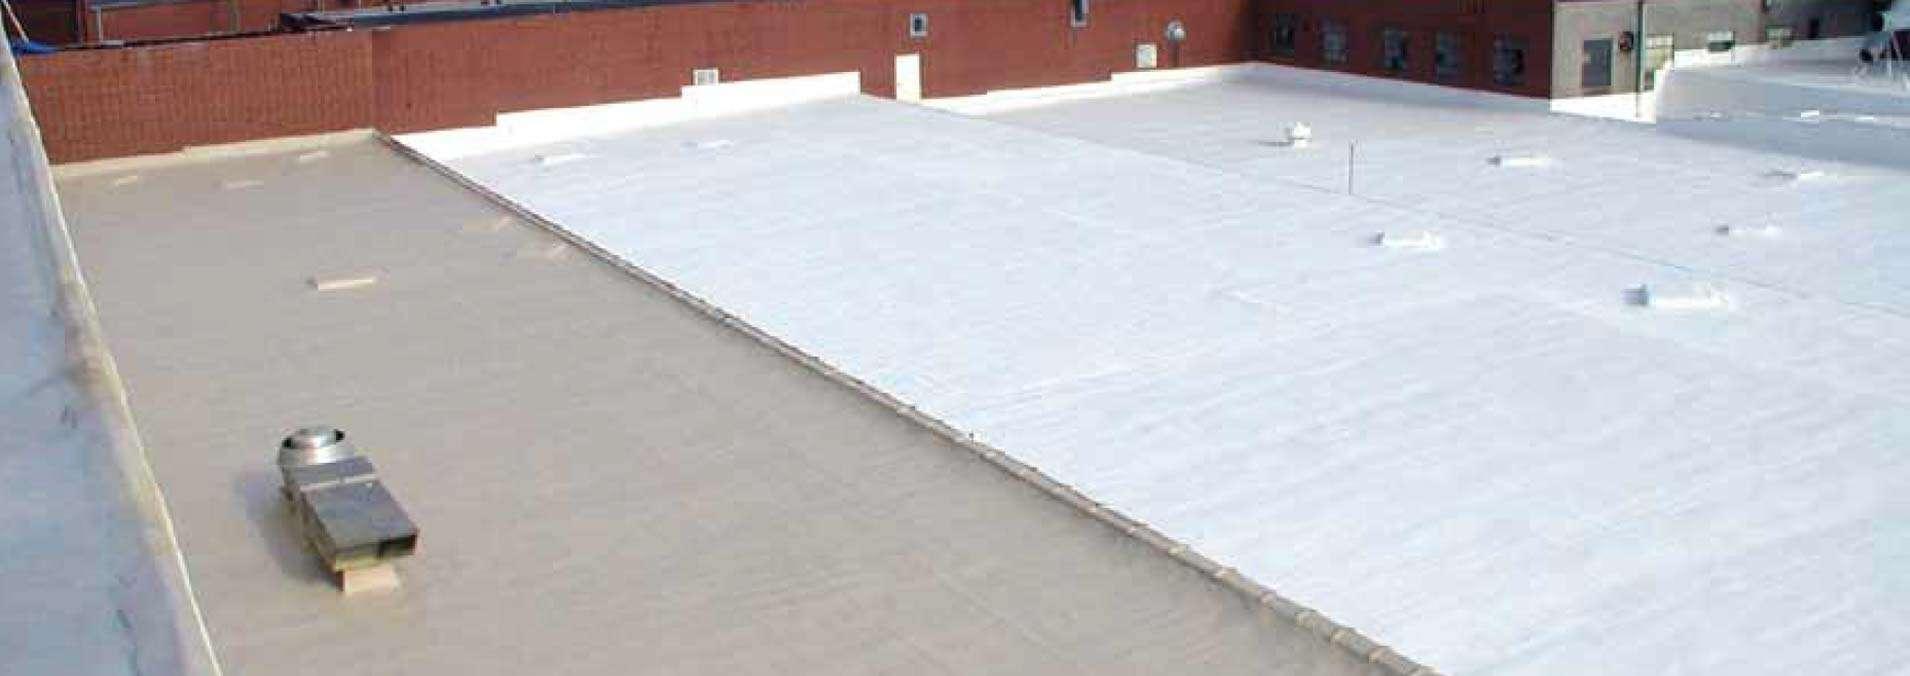 Conklin Roofing Atlanta Commercial Roof Repair Atlanta Ga